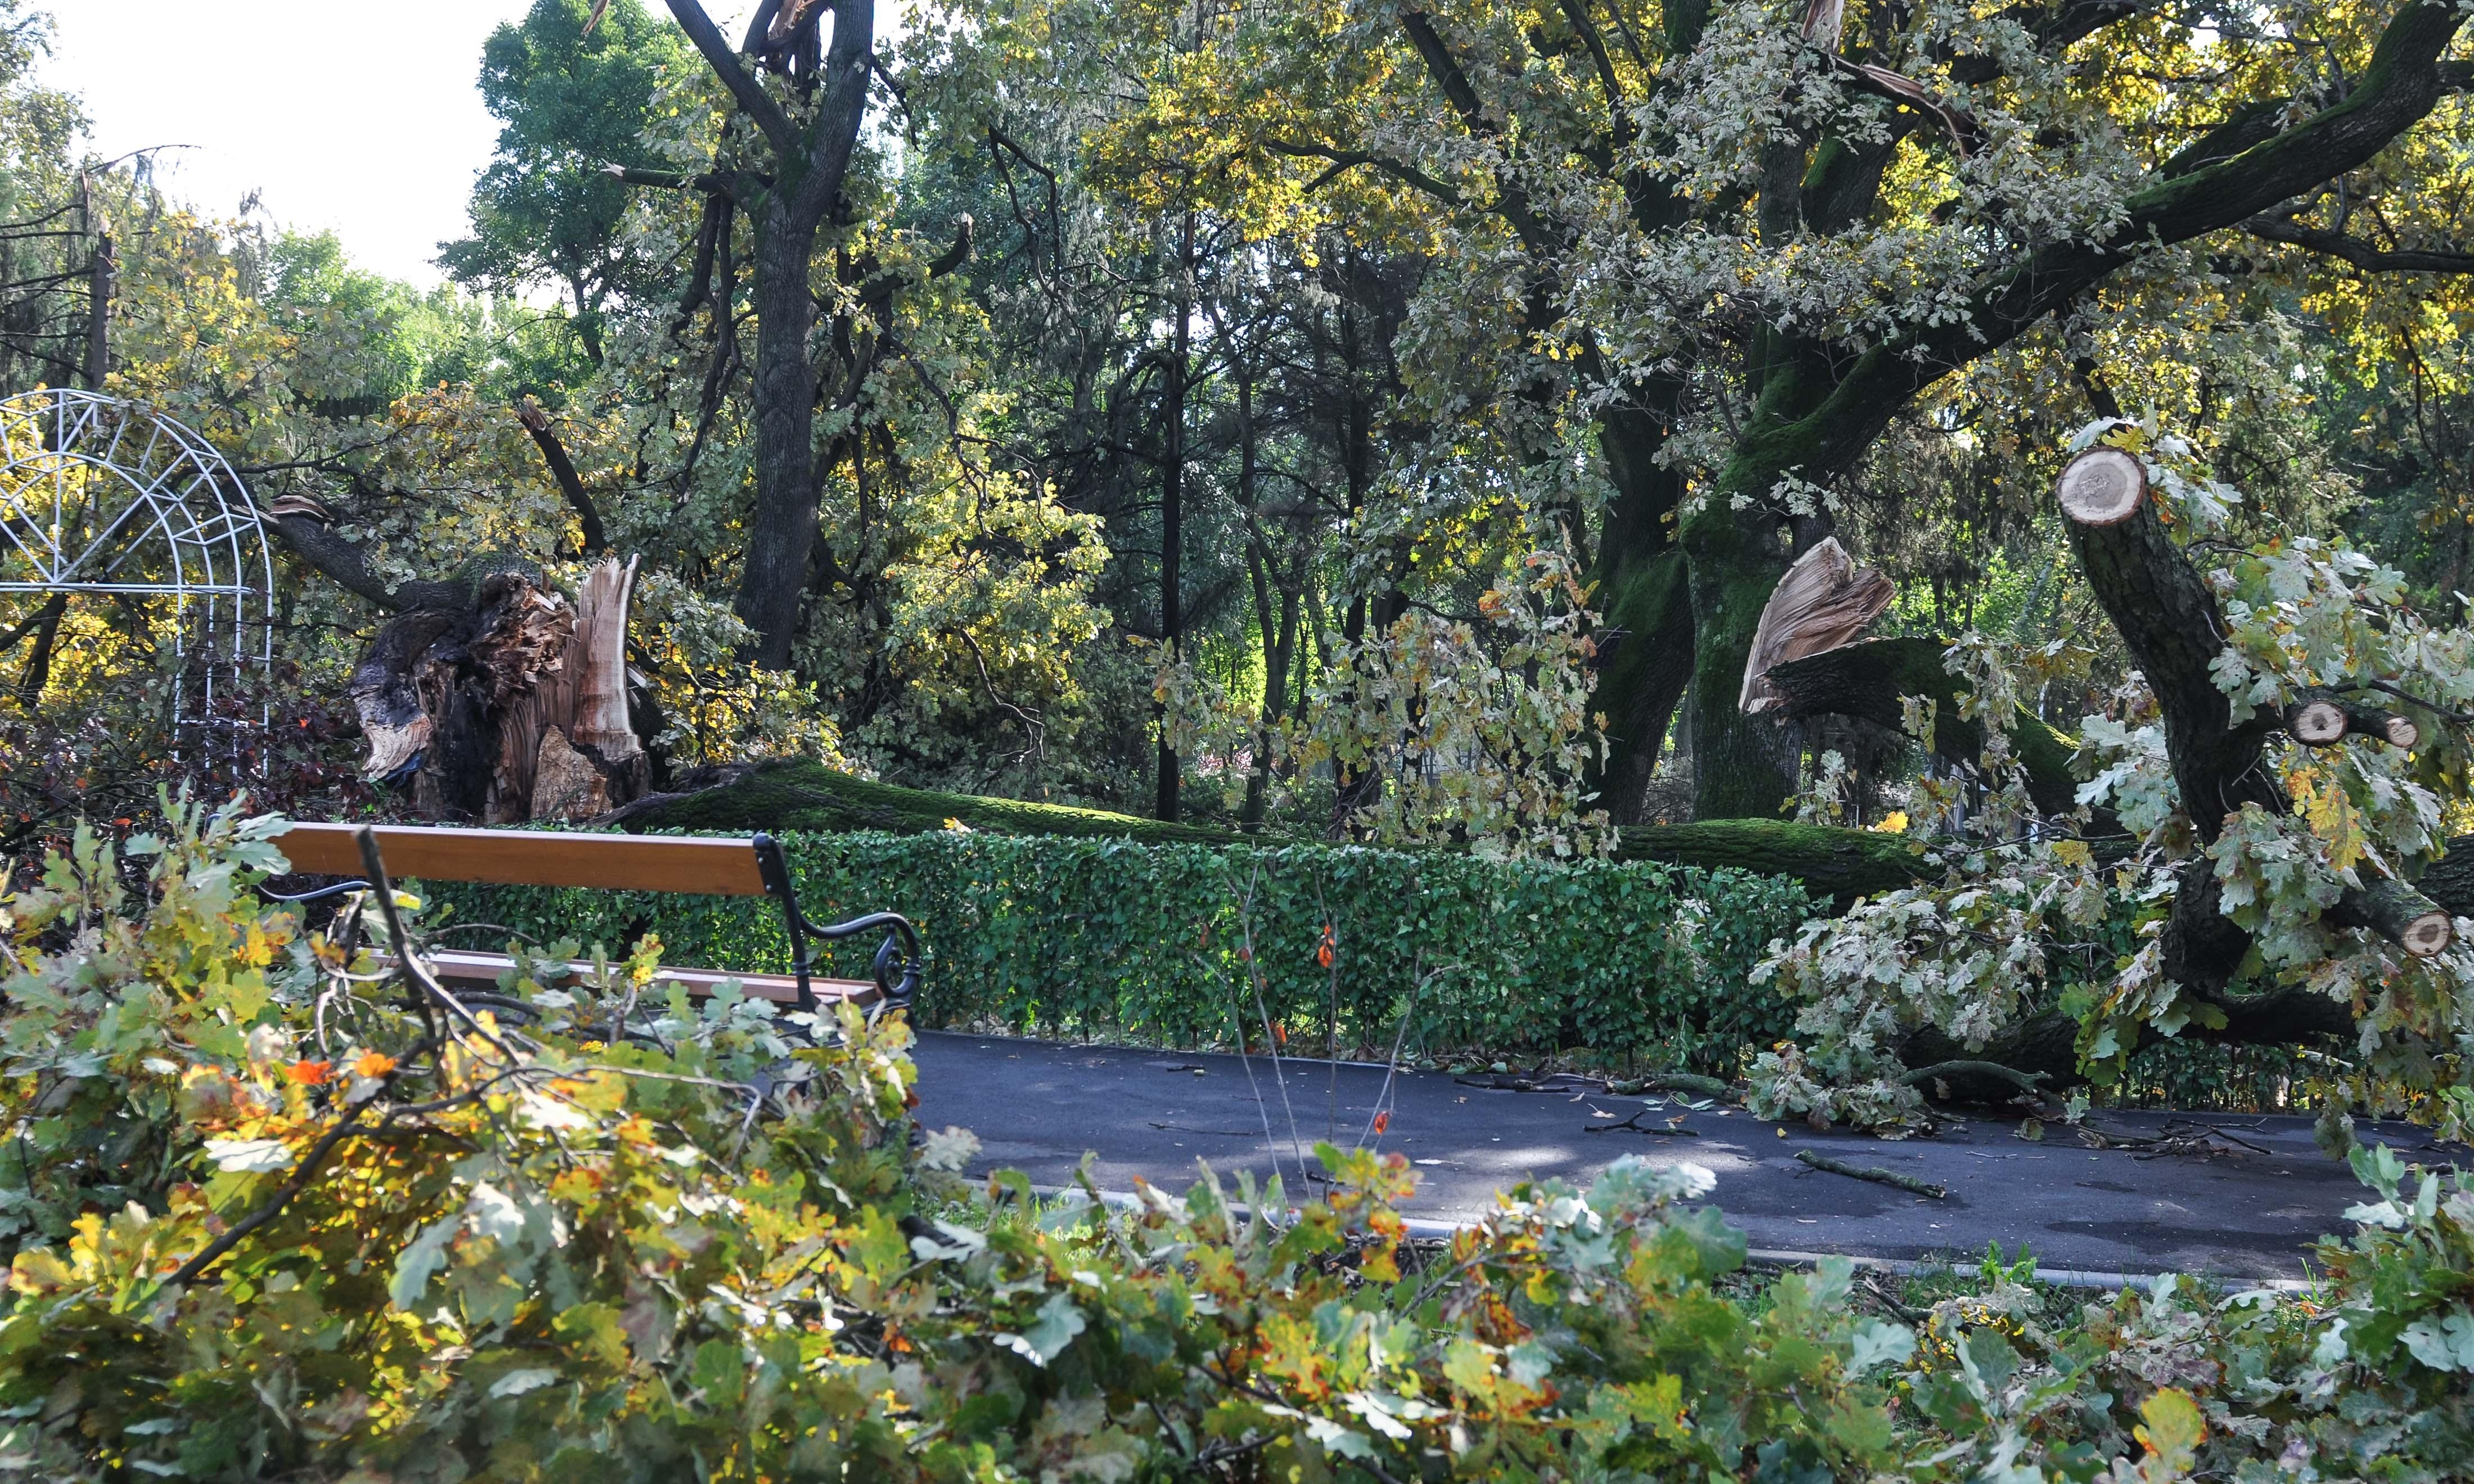 Efectele furtunii în Timiș: copaci rupți, incendii și inundații. Sute de persoane au rămas fără curent